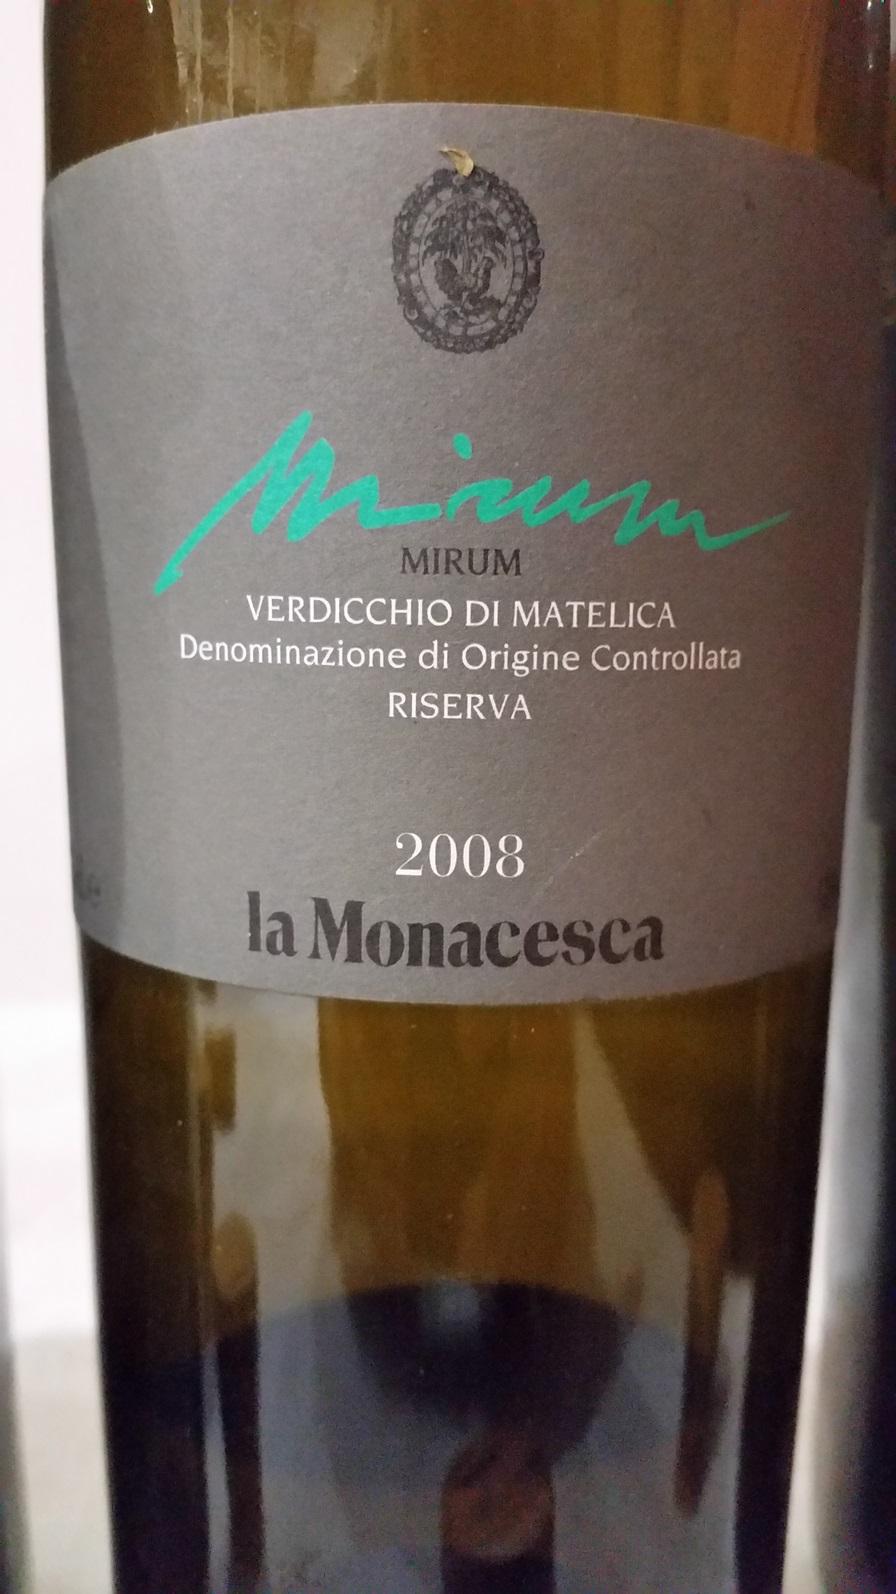 La Monacesca - Verdicchio di Matelica Mirum 2008